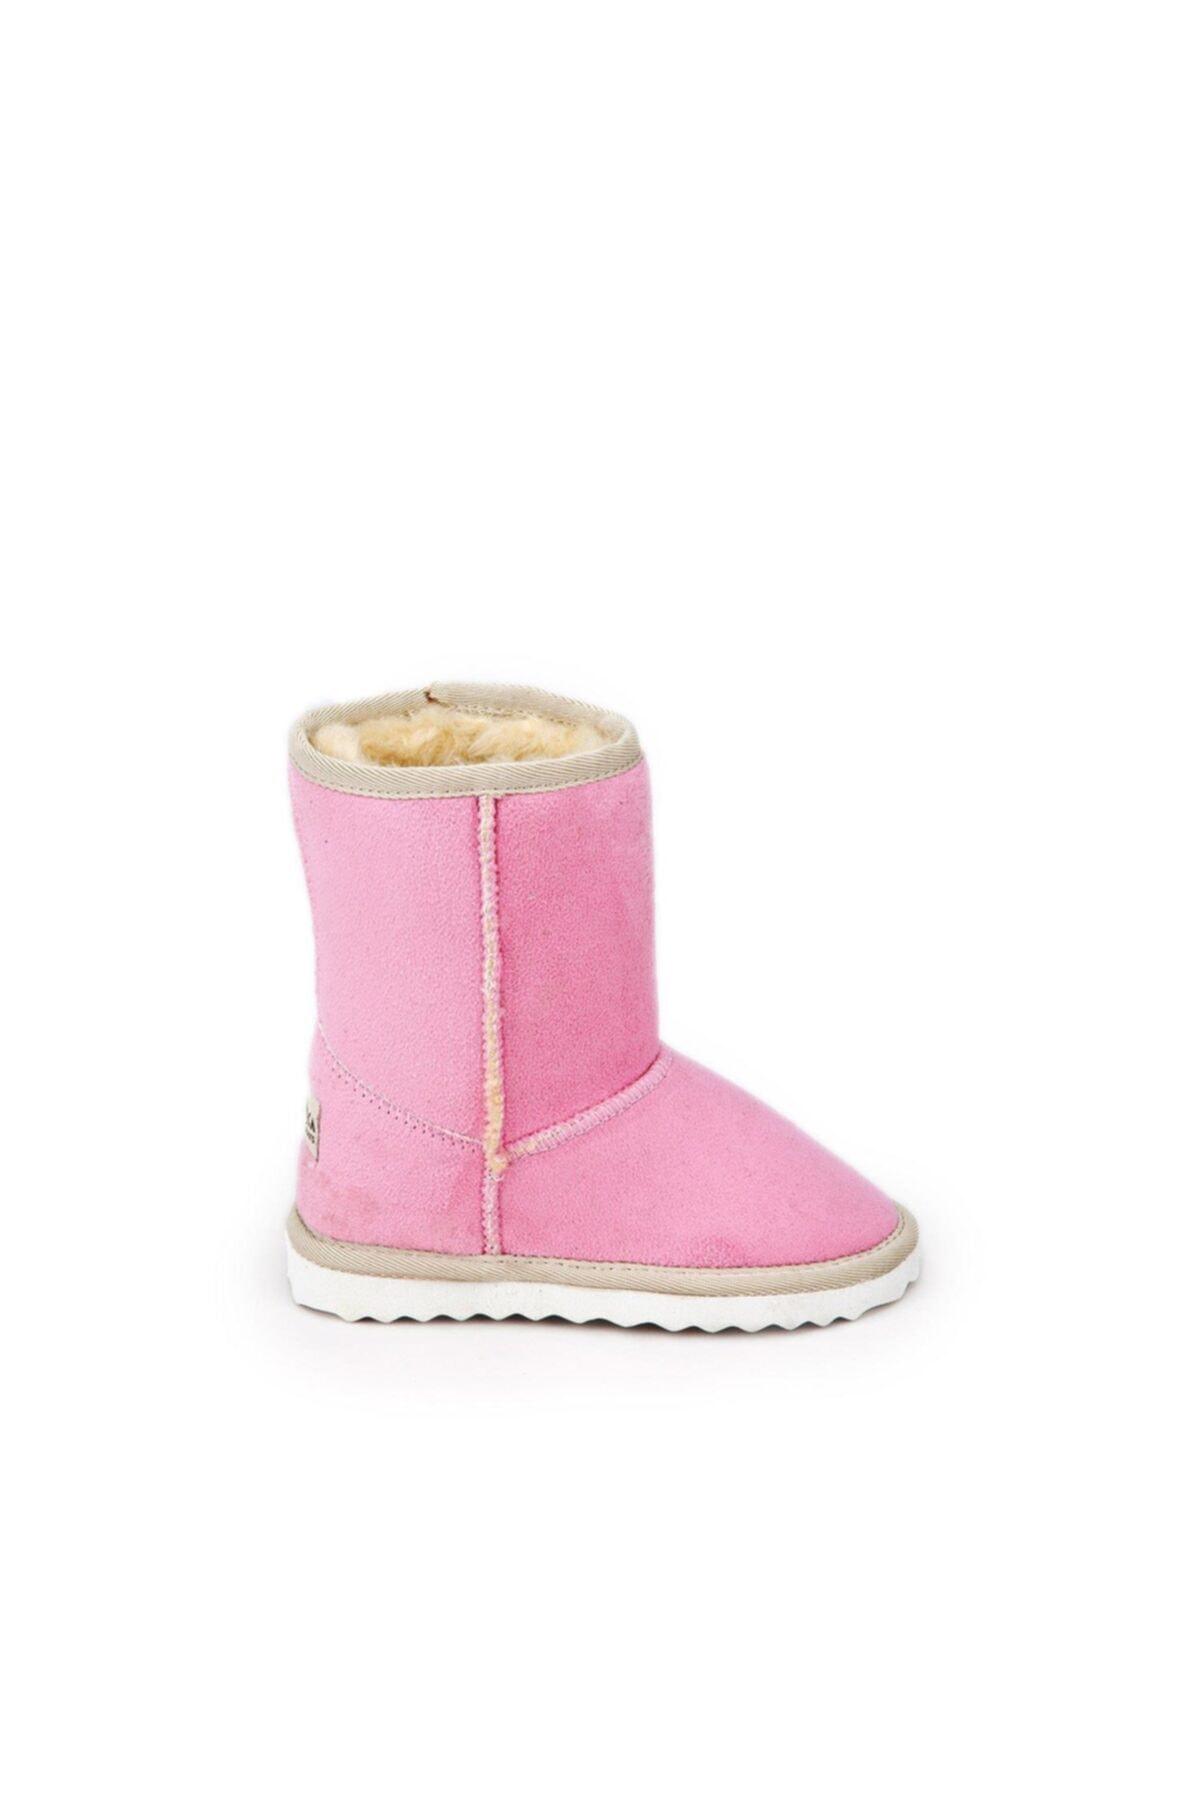 Antarctica Boots Klasik Içi Kürklü Eva Taban Süet Pembe Çocuk Bot 1